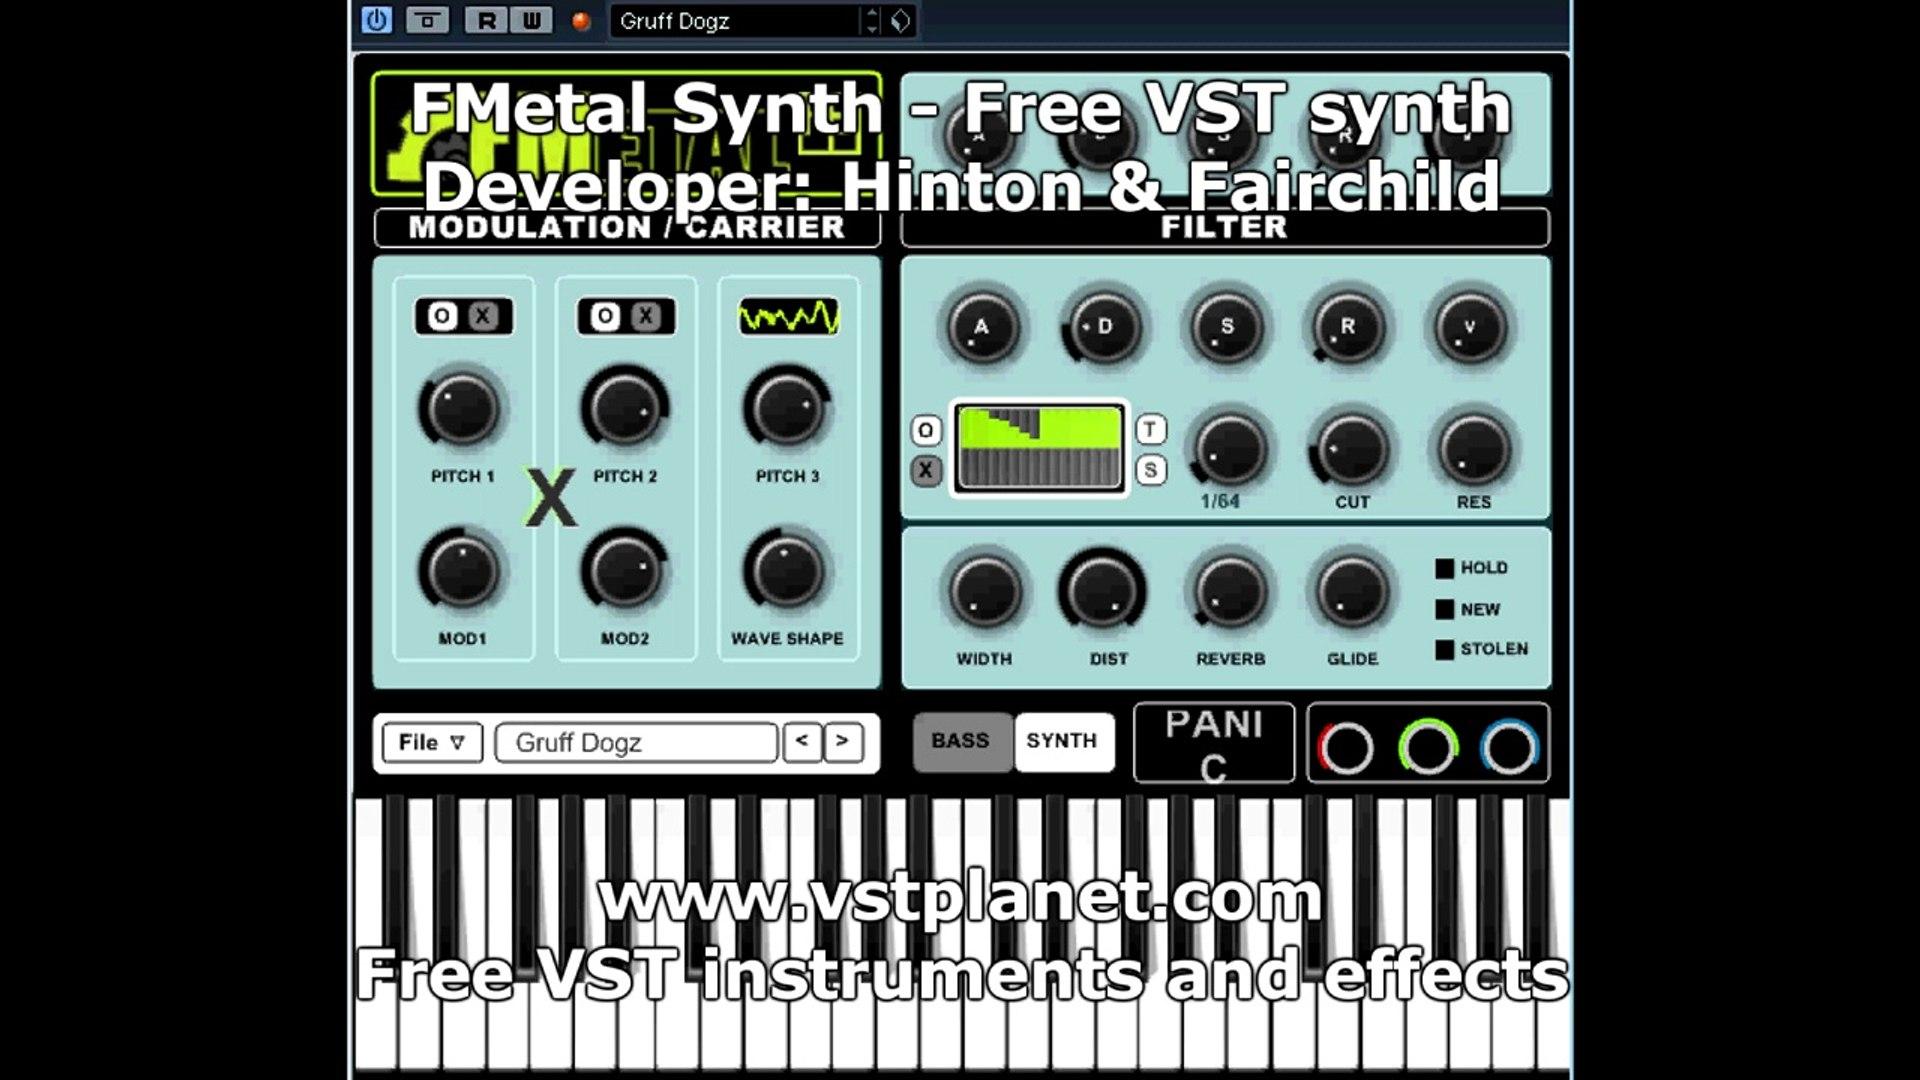 Free VST Plug-in - FMetal Synth - vstplanet com